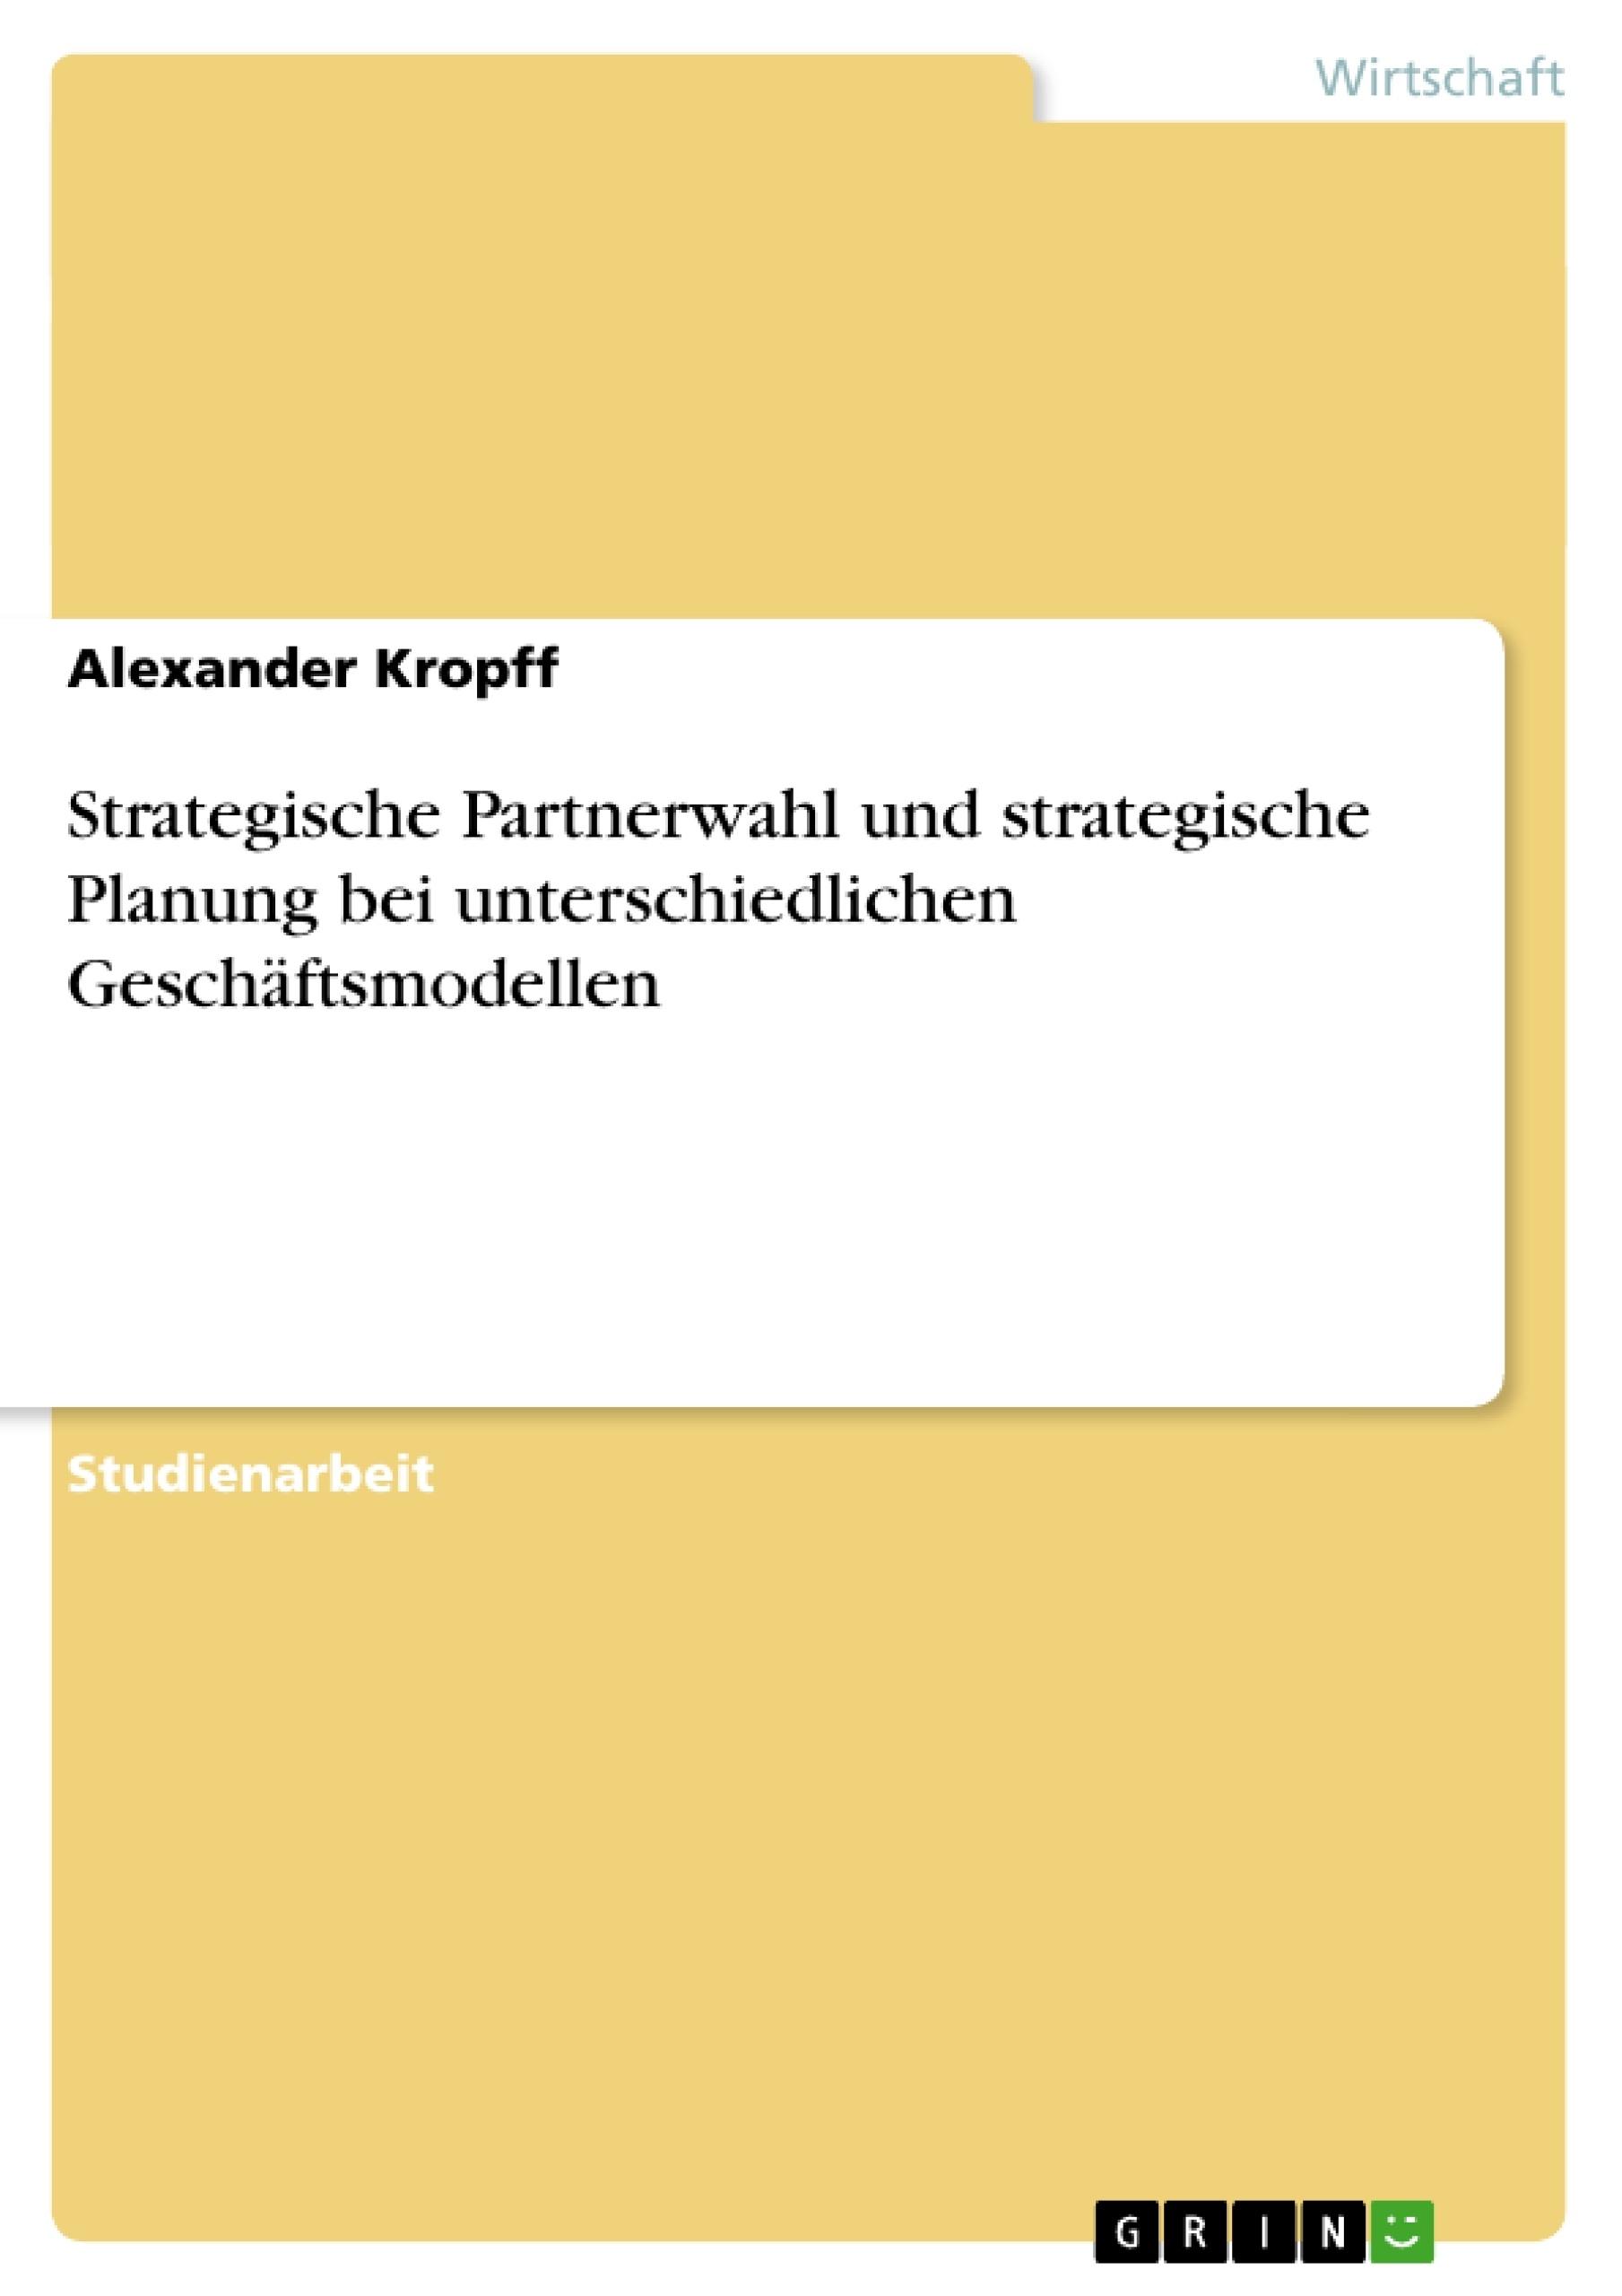 Titel: Strategische Partnerwahl und strategische Planung bei unterschiedlichen Geschäftsmodellen